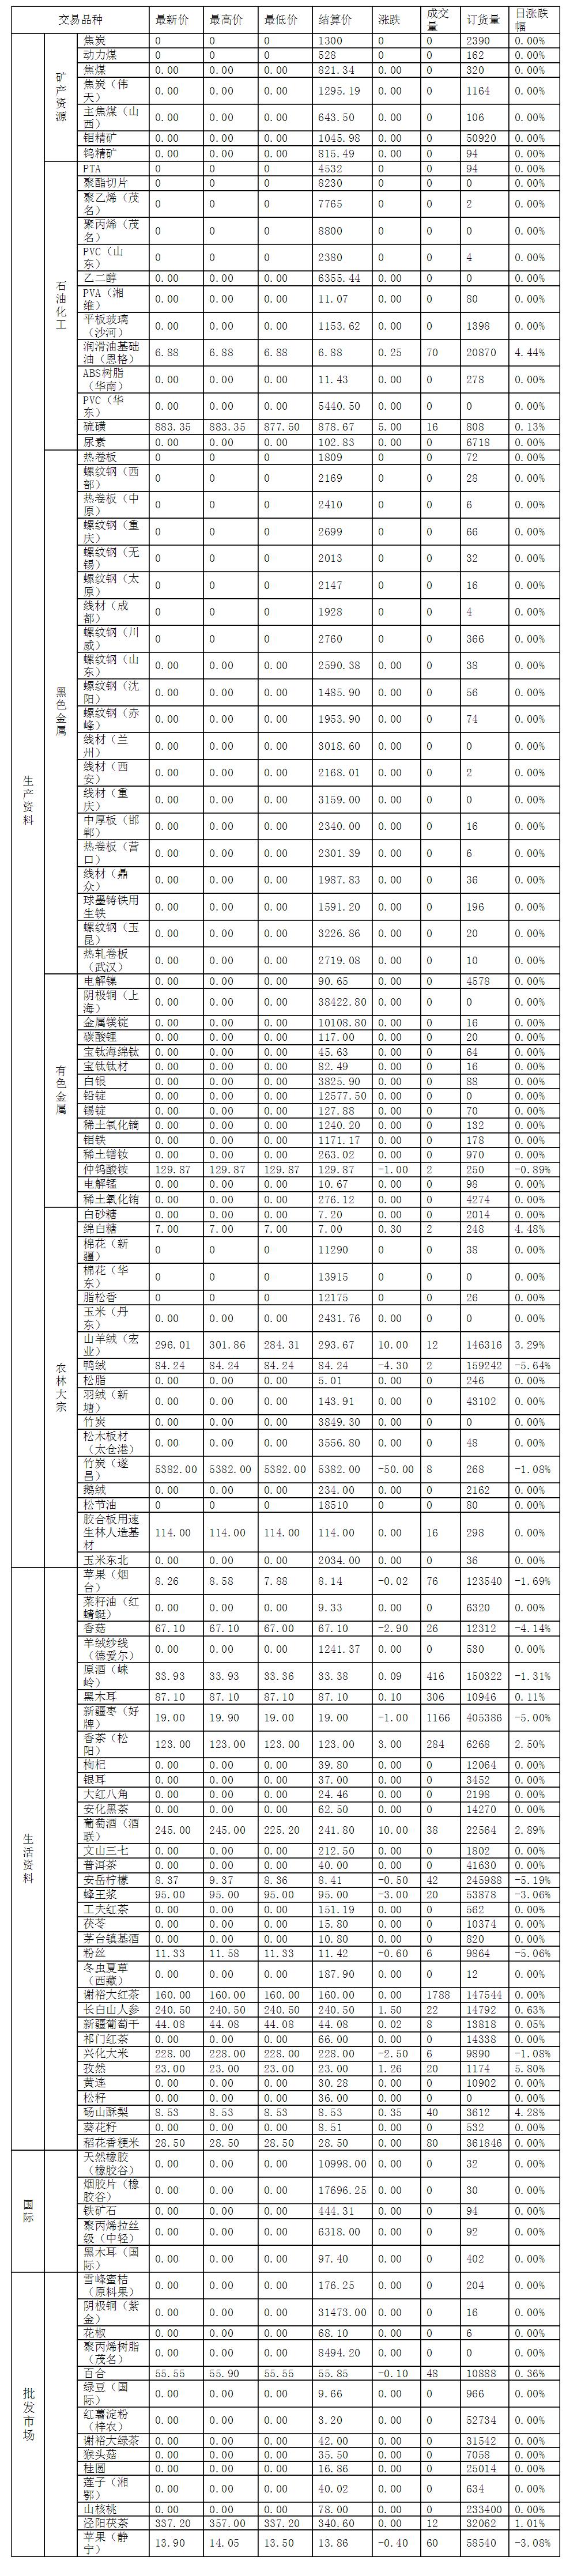 2016年12月1日渤海商品交易所每日行情